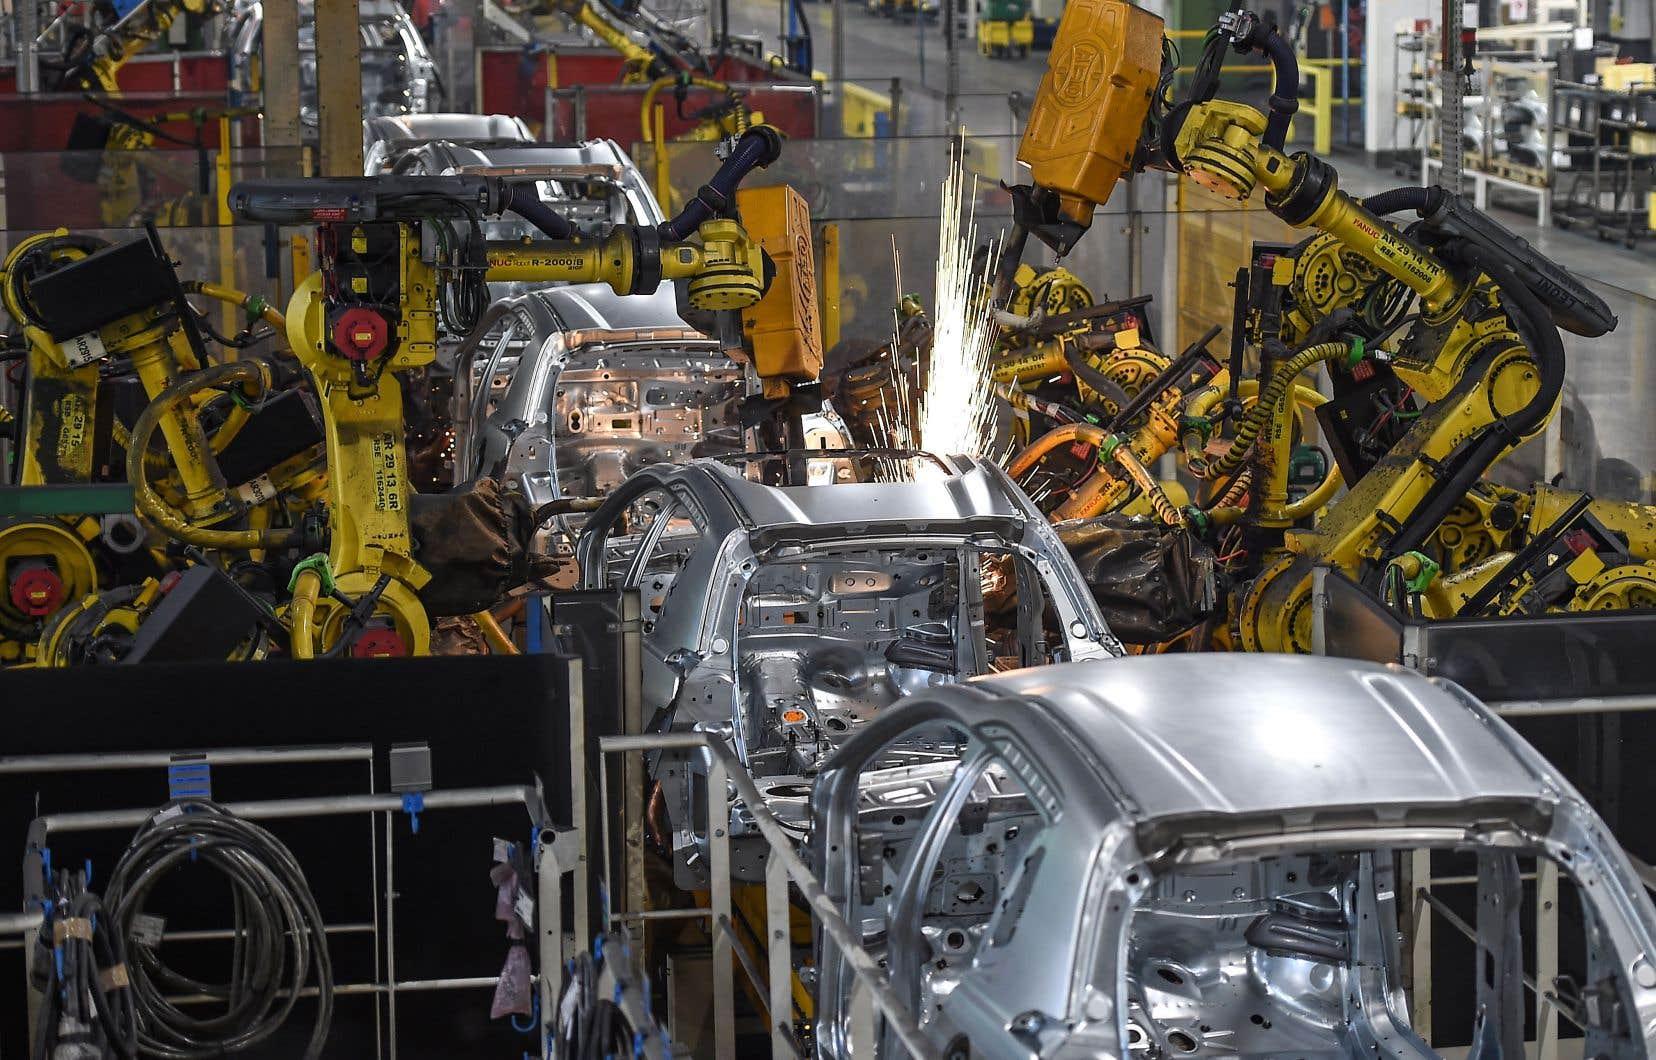 Une ligne d'assemblage entièrement automatisée du constructeur automobile français PSA Peugeot Citroen, à Mulhouse